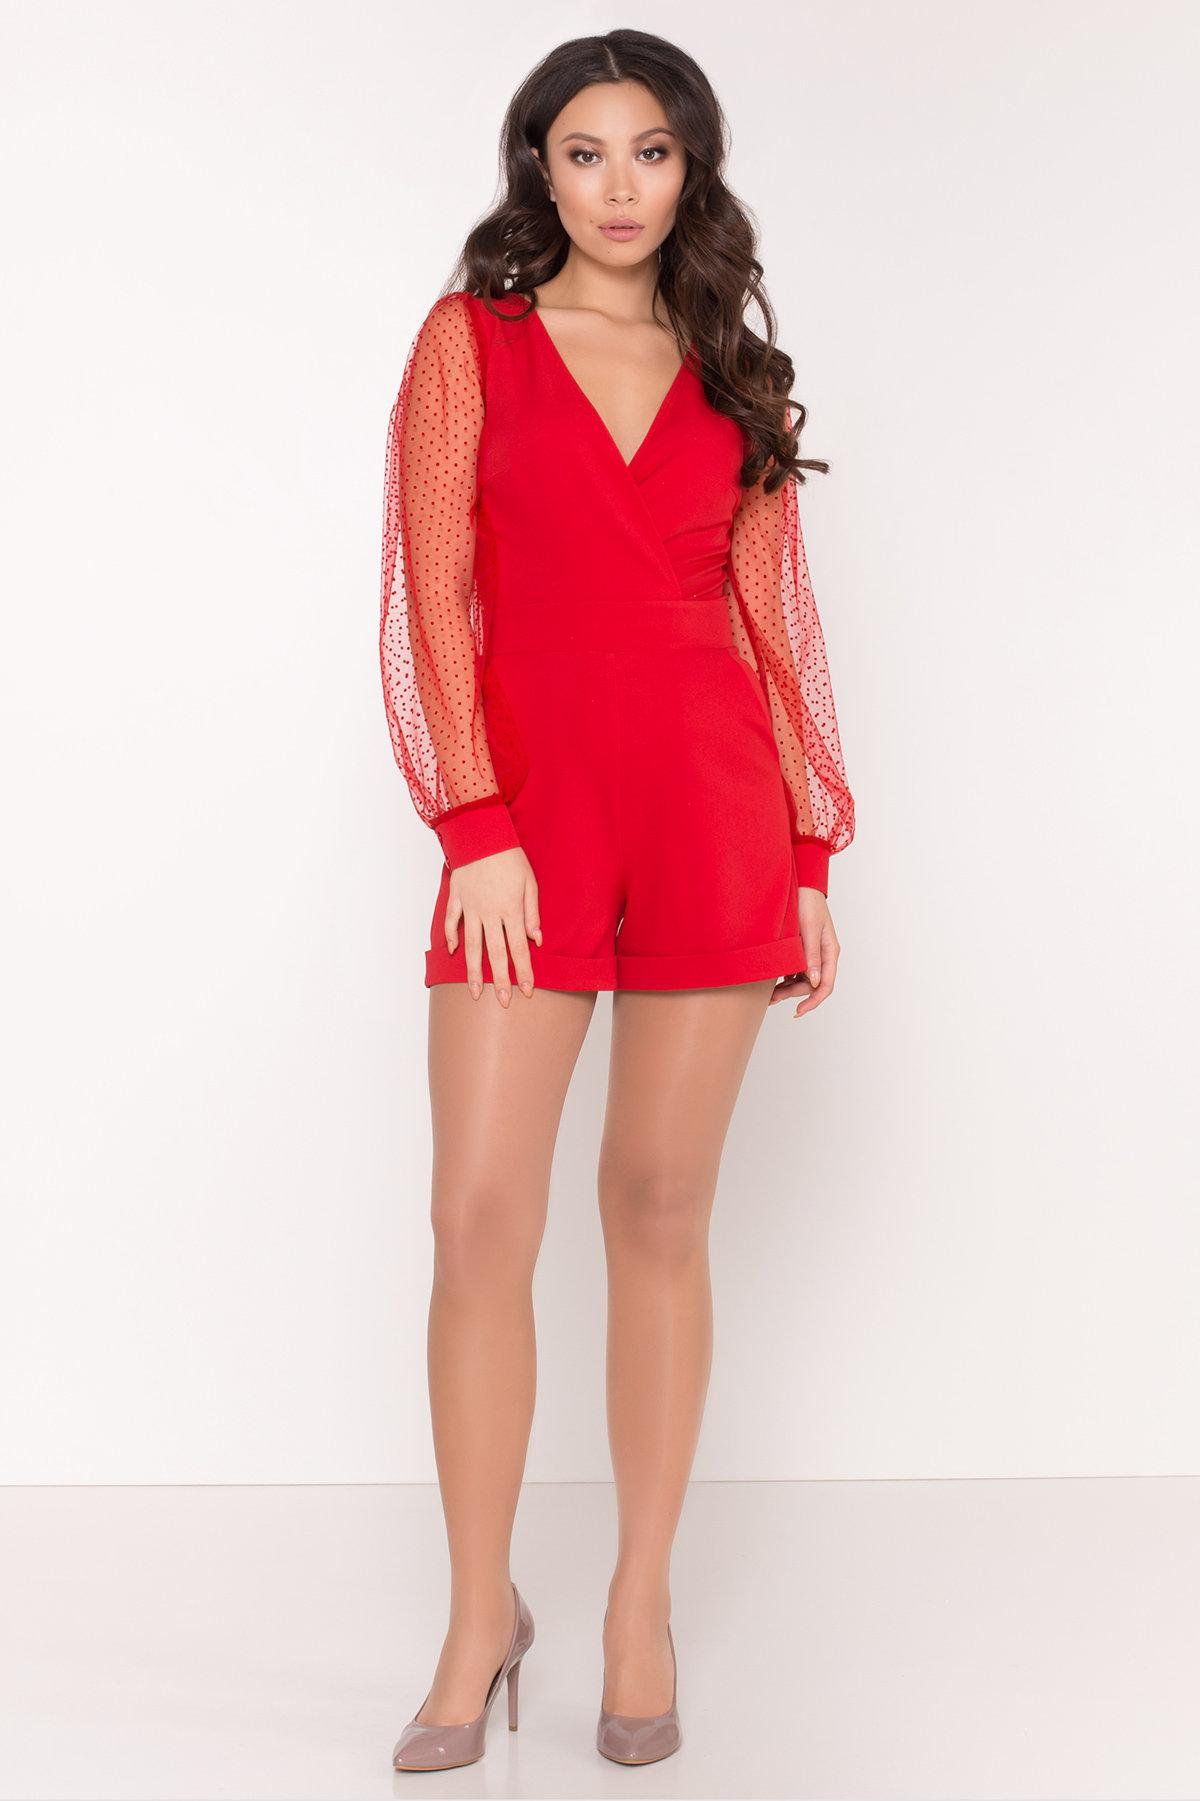 Стильный красный комбинезон с шортами Набель 8565 АРТ. 44880 Цвет: Красный - фото 1, интернет магазин tm-modus.ru